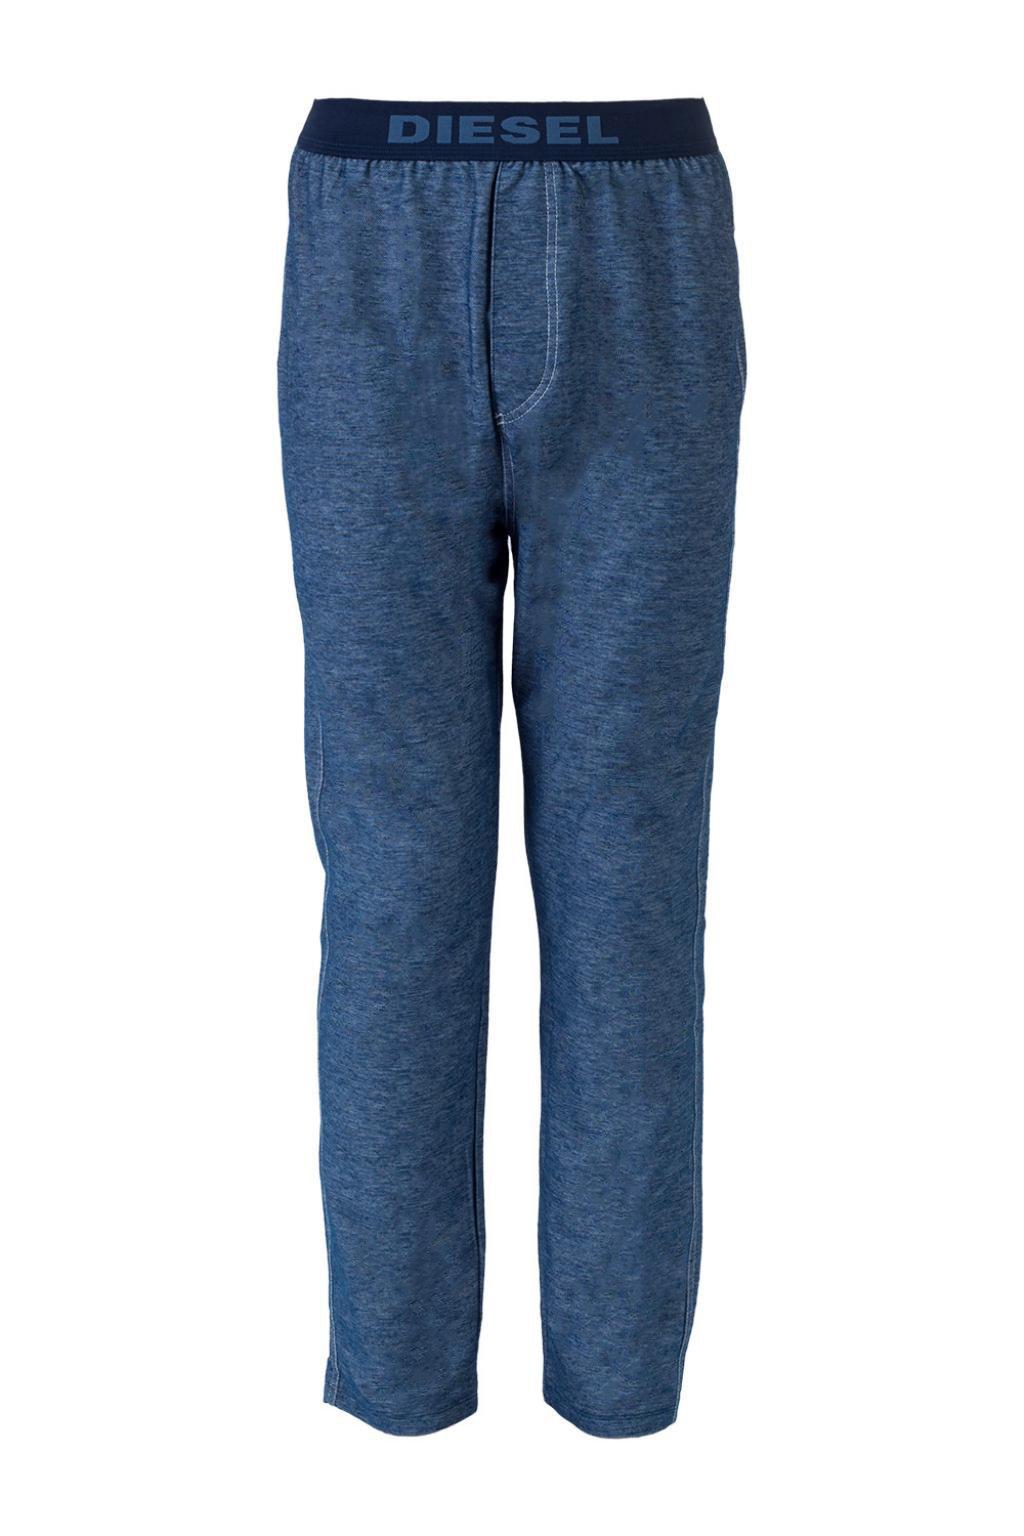 Diesel Pyjama bottom